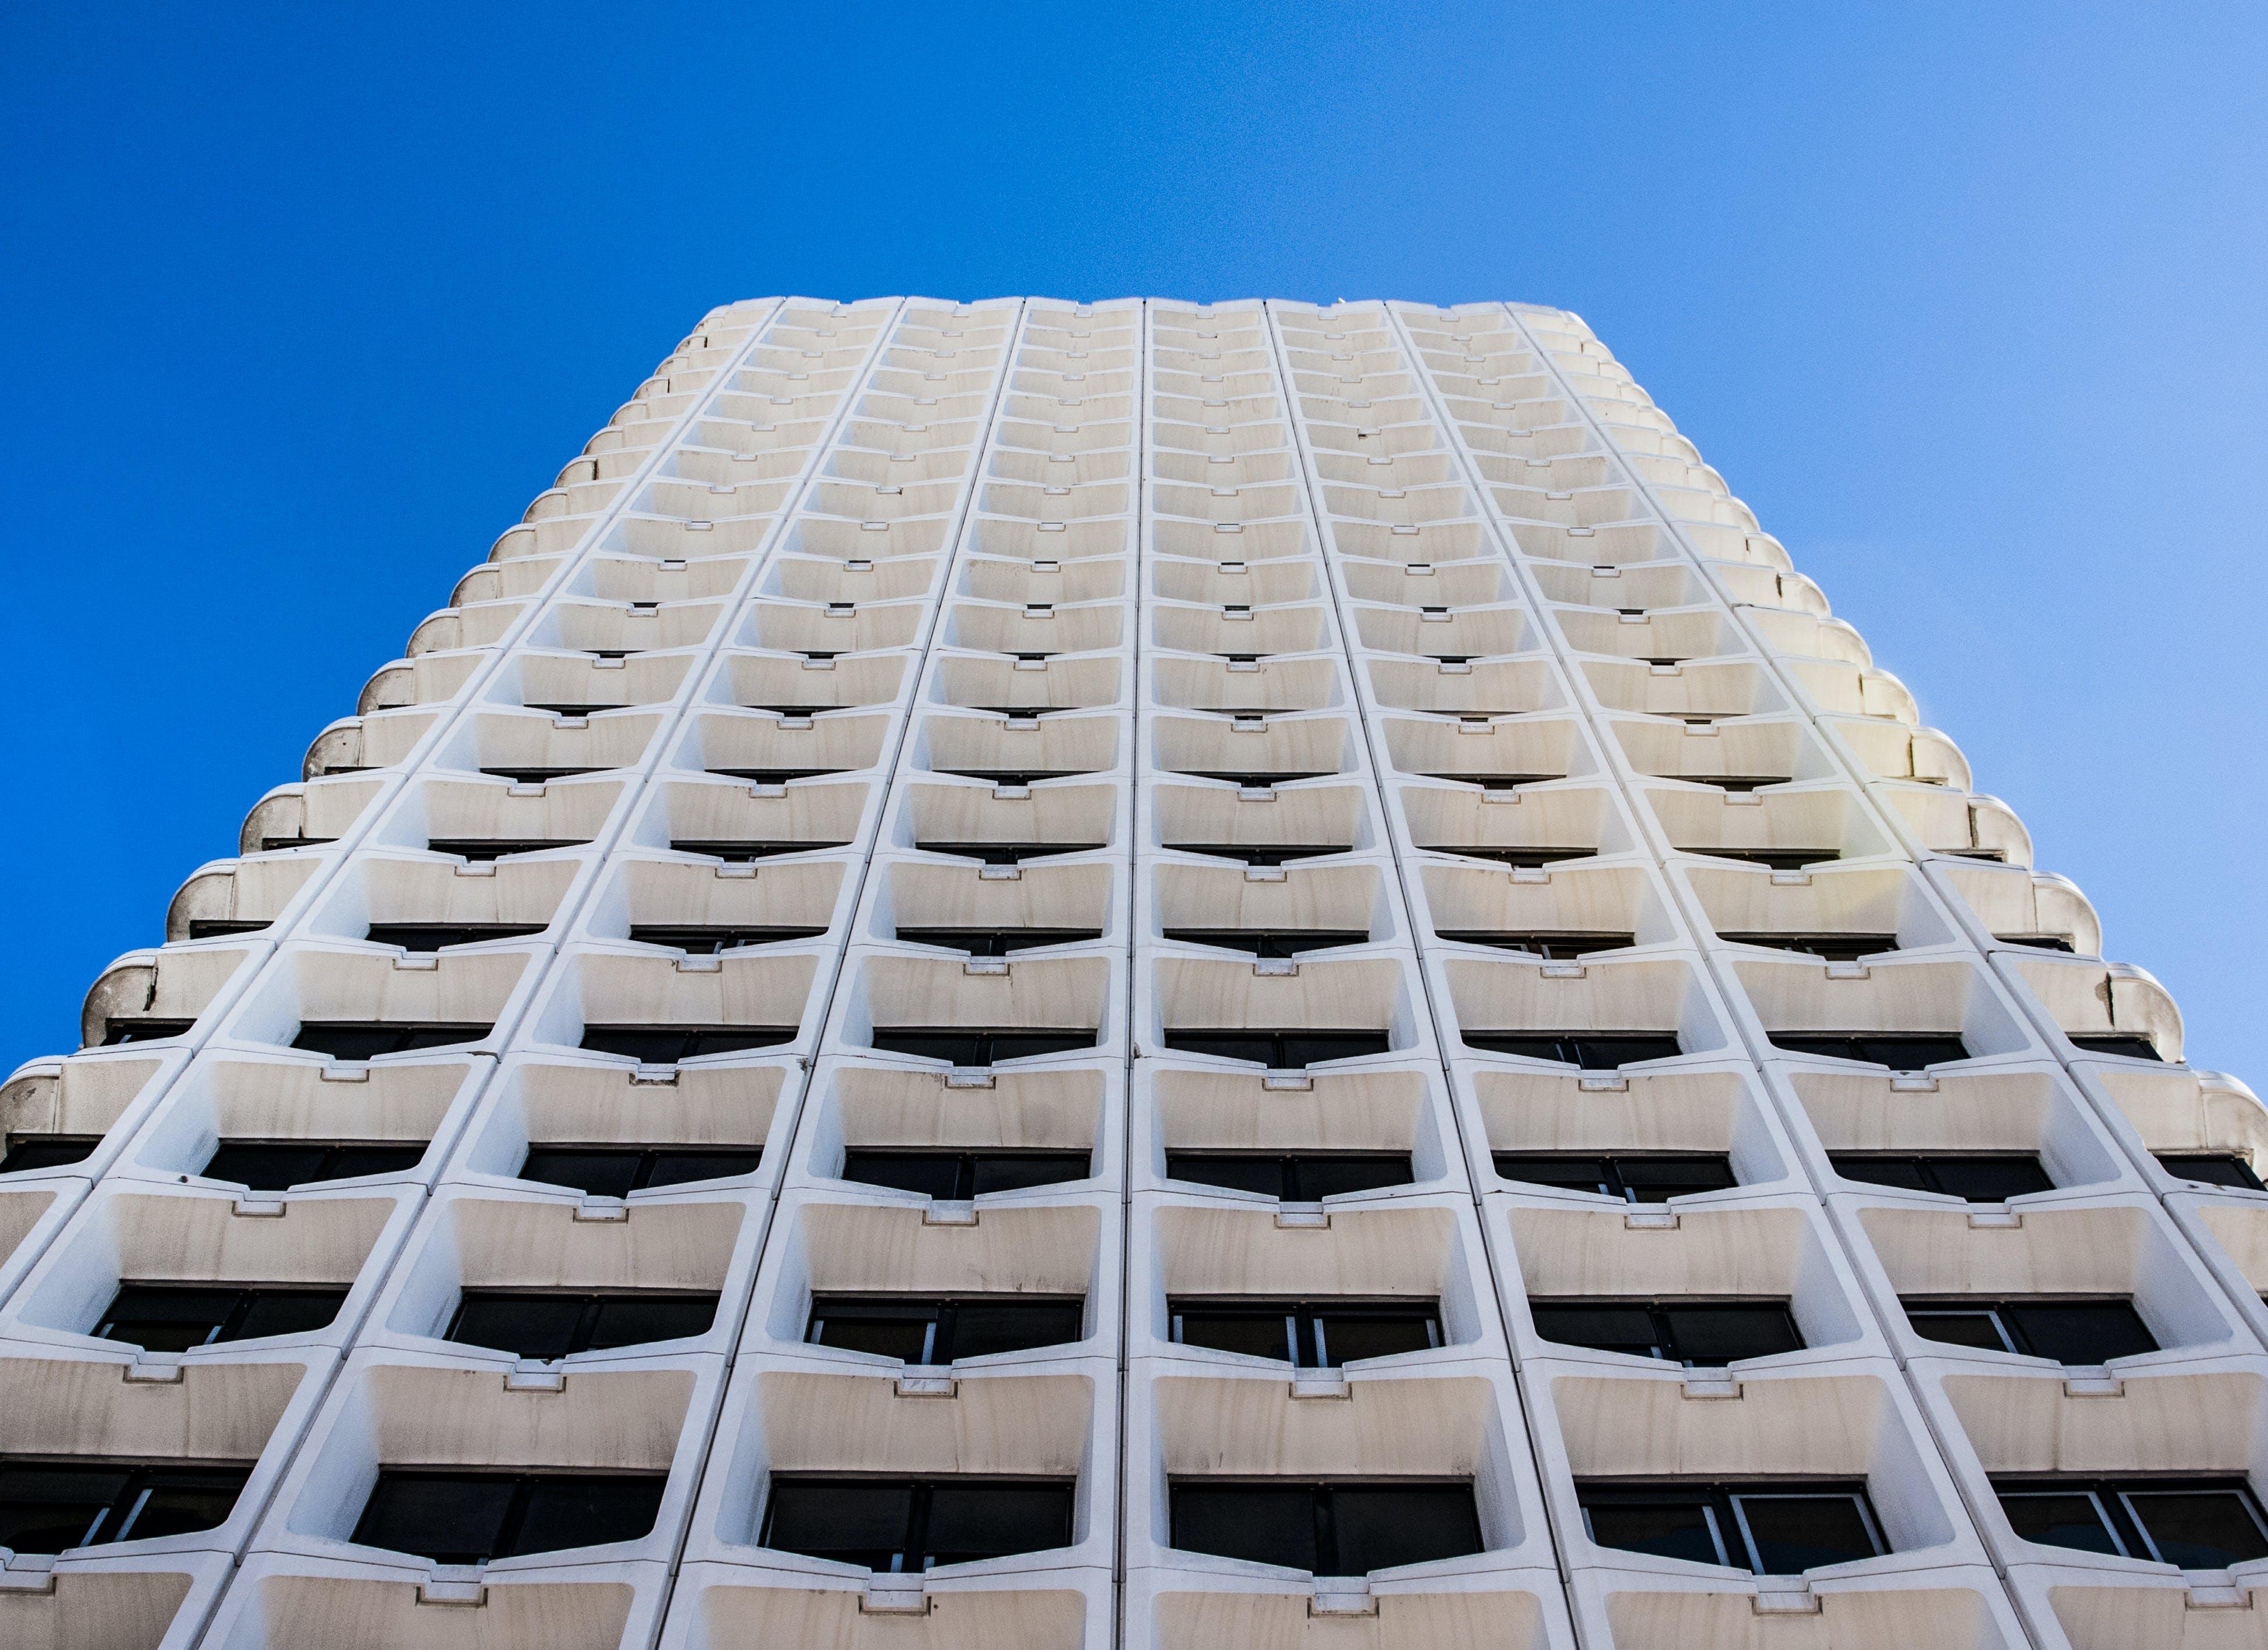 Fotobanka sbezplatnými fotkami na tému #skyscraper, budova, veža